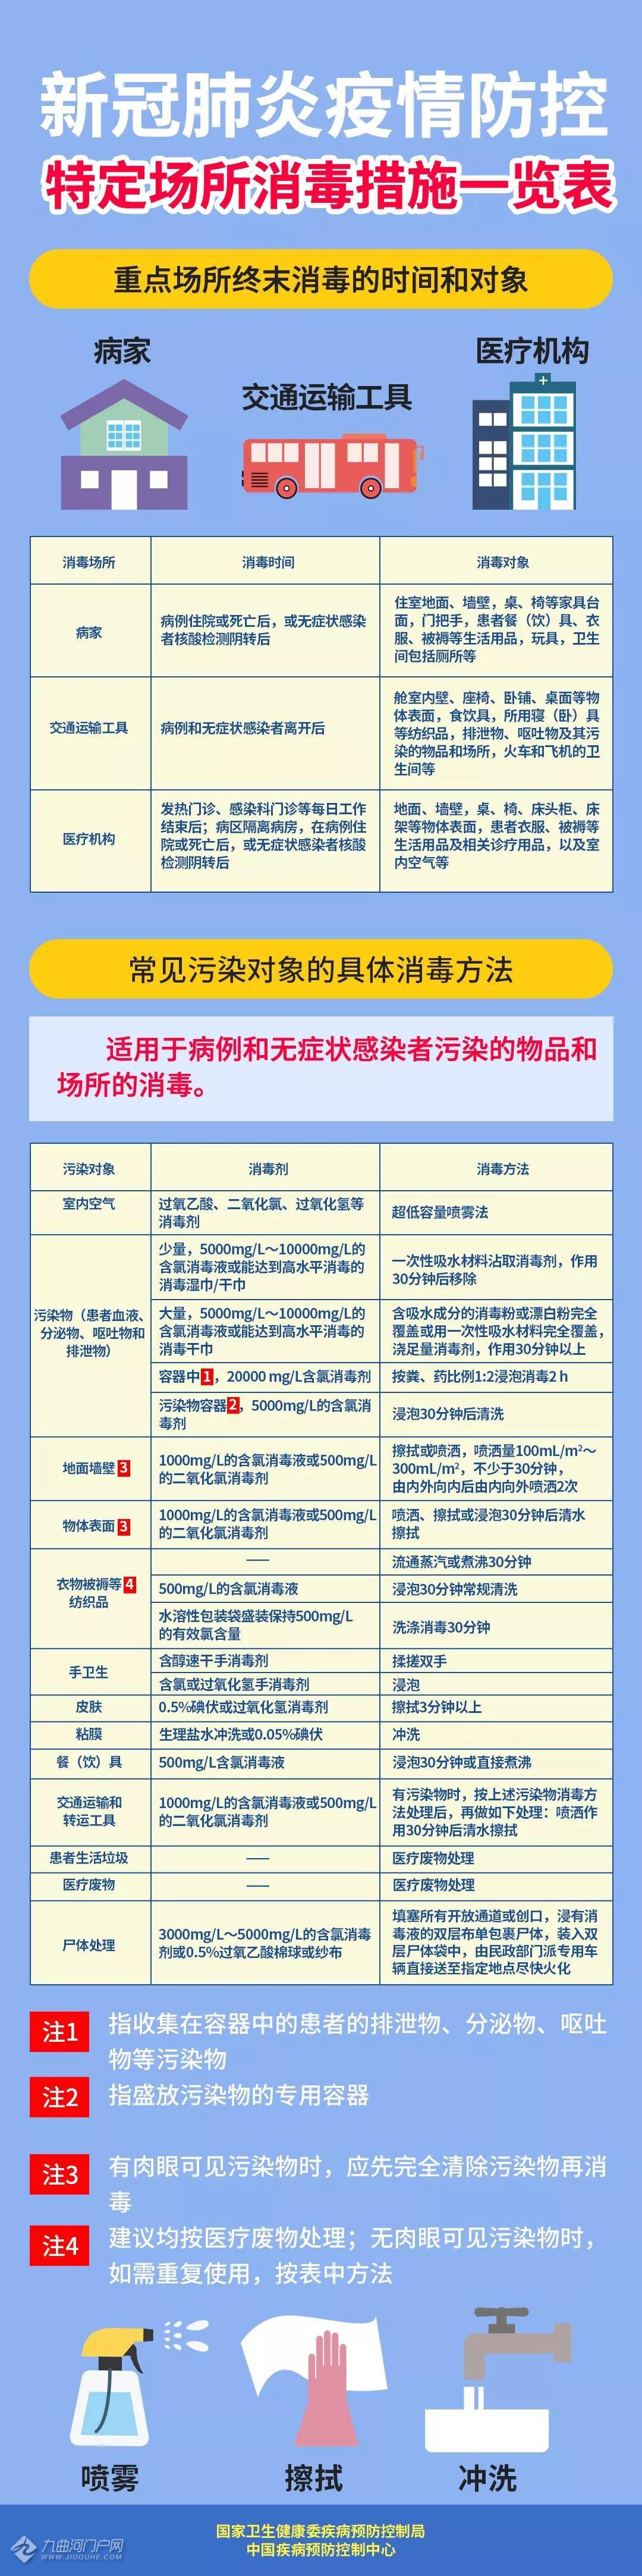 一图读懂:新型冠状病毒肺炎防控方案(第四版)